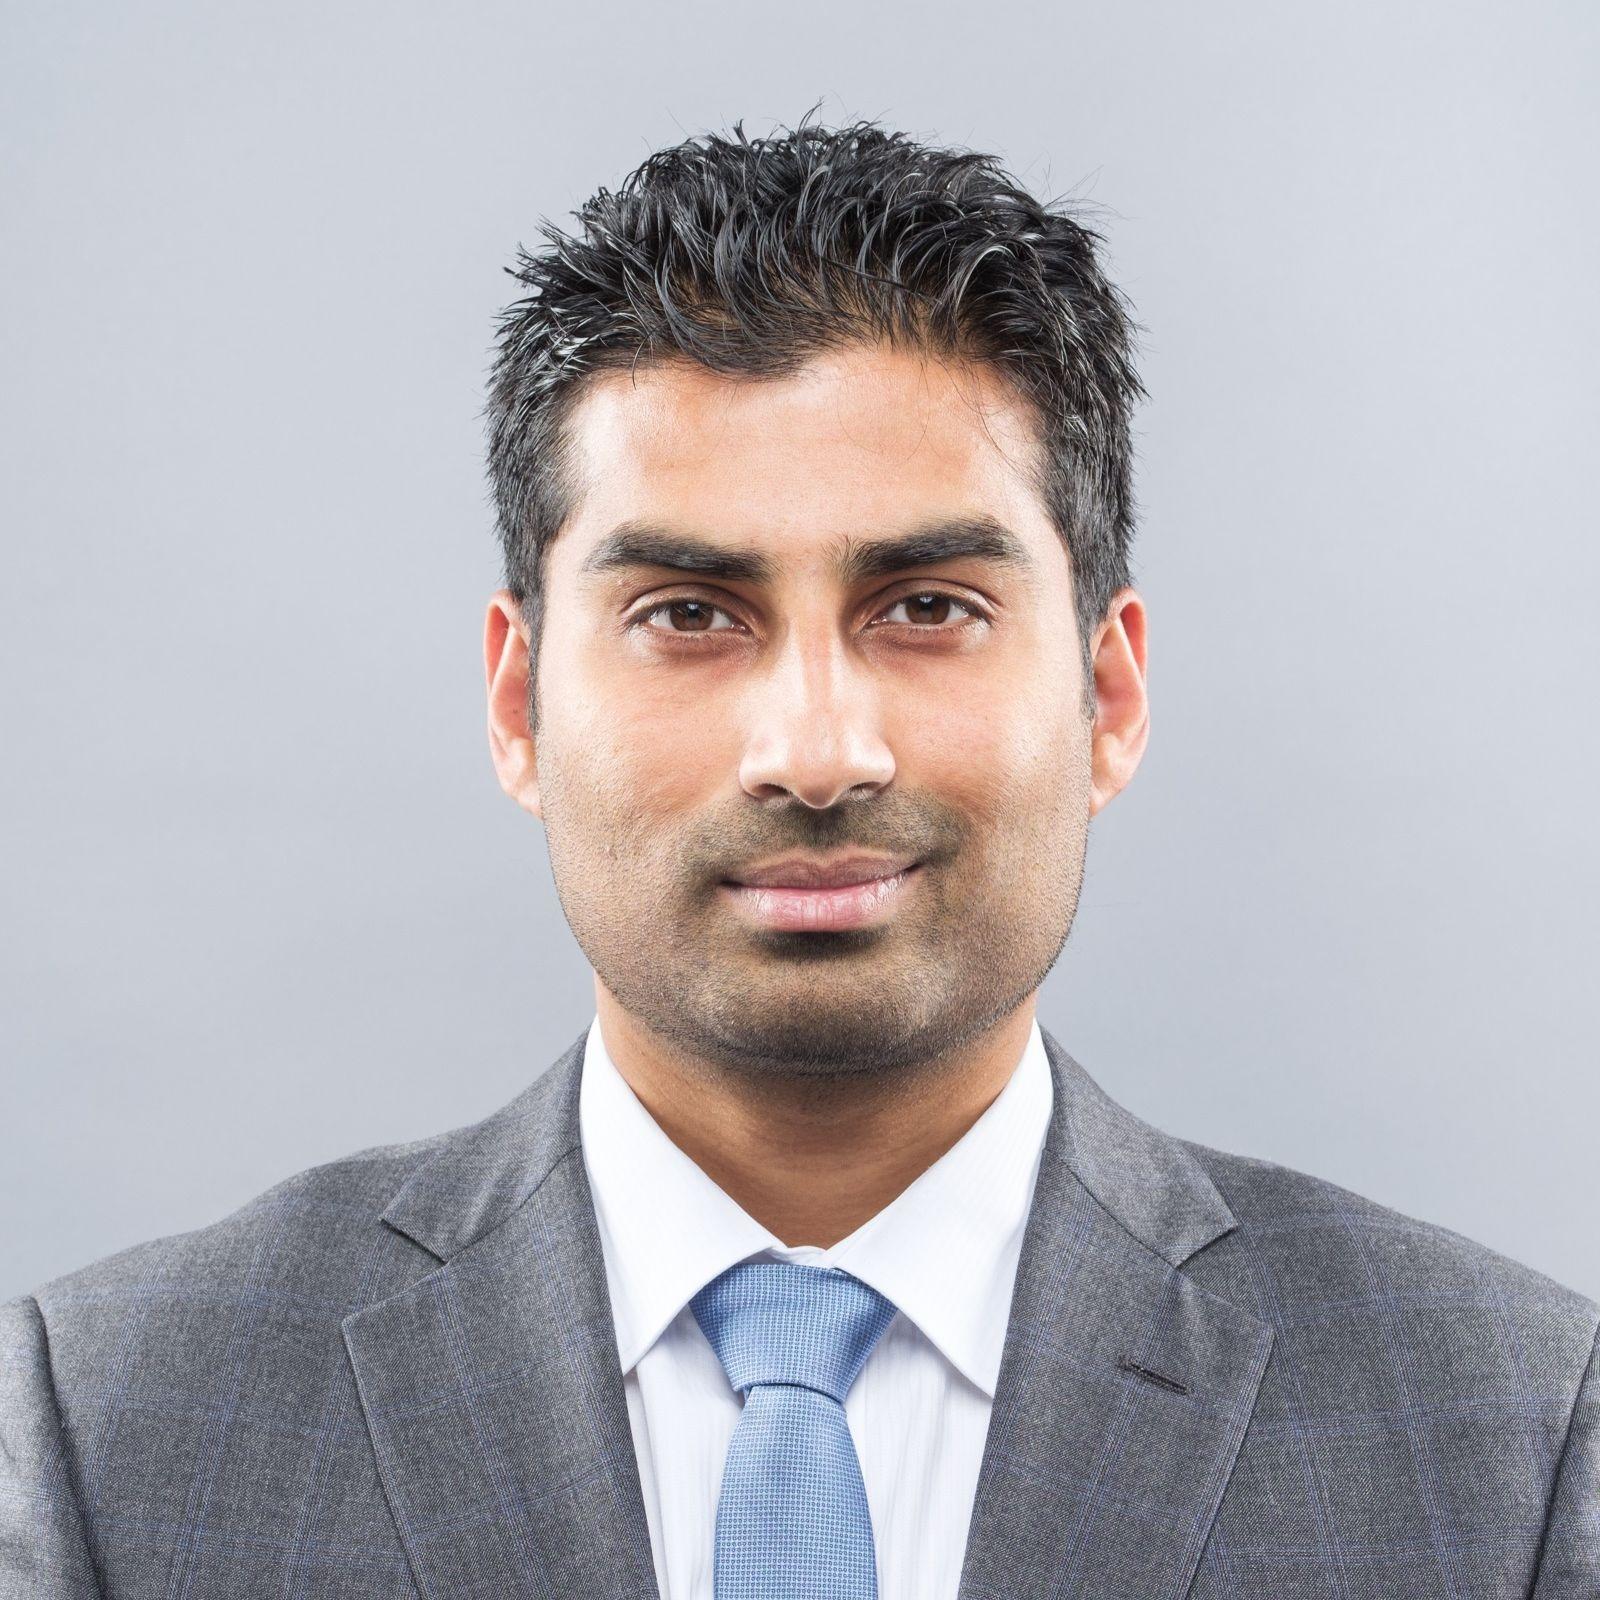 abhinav lohia - CanAm Investor Services